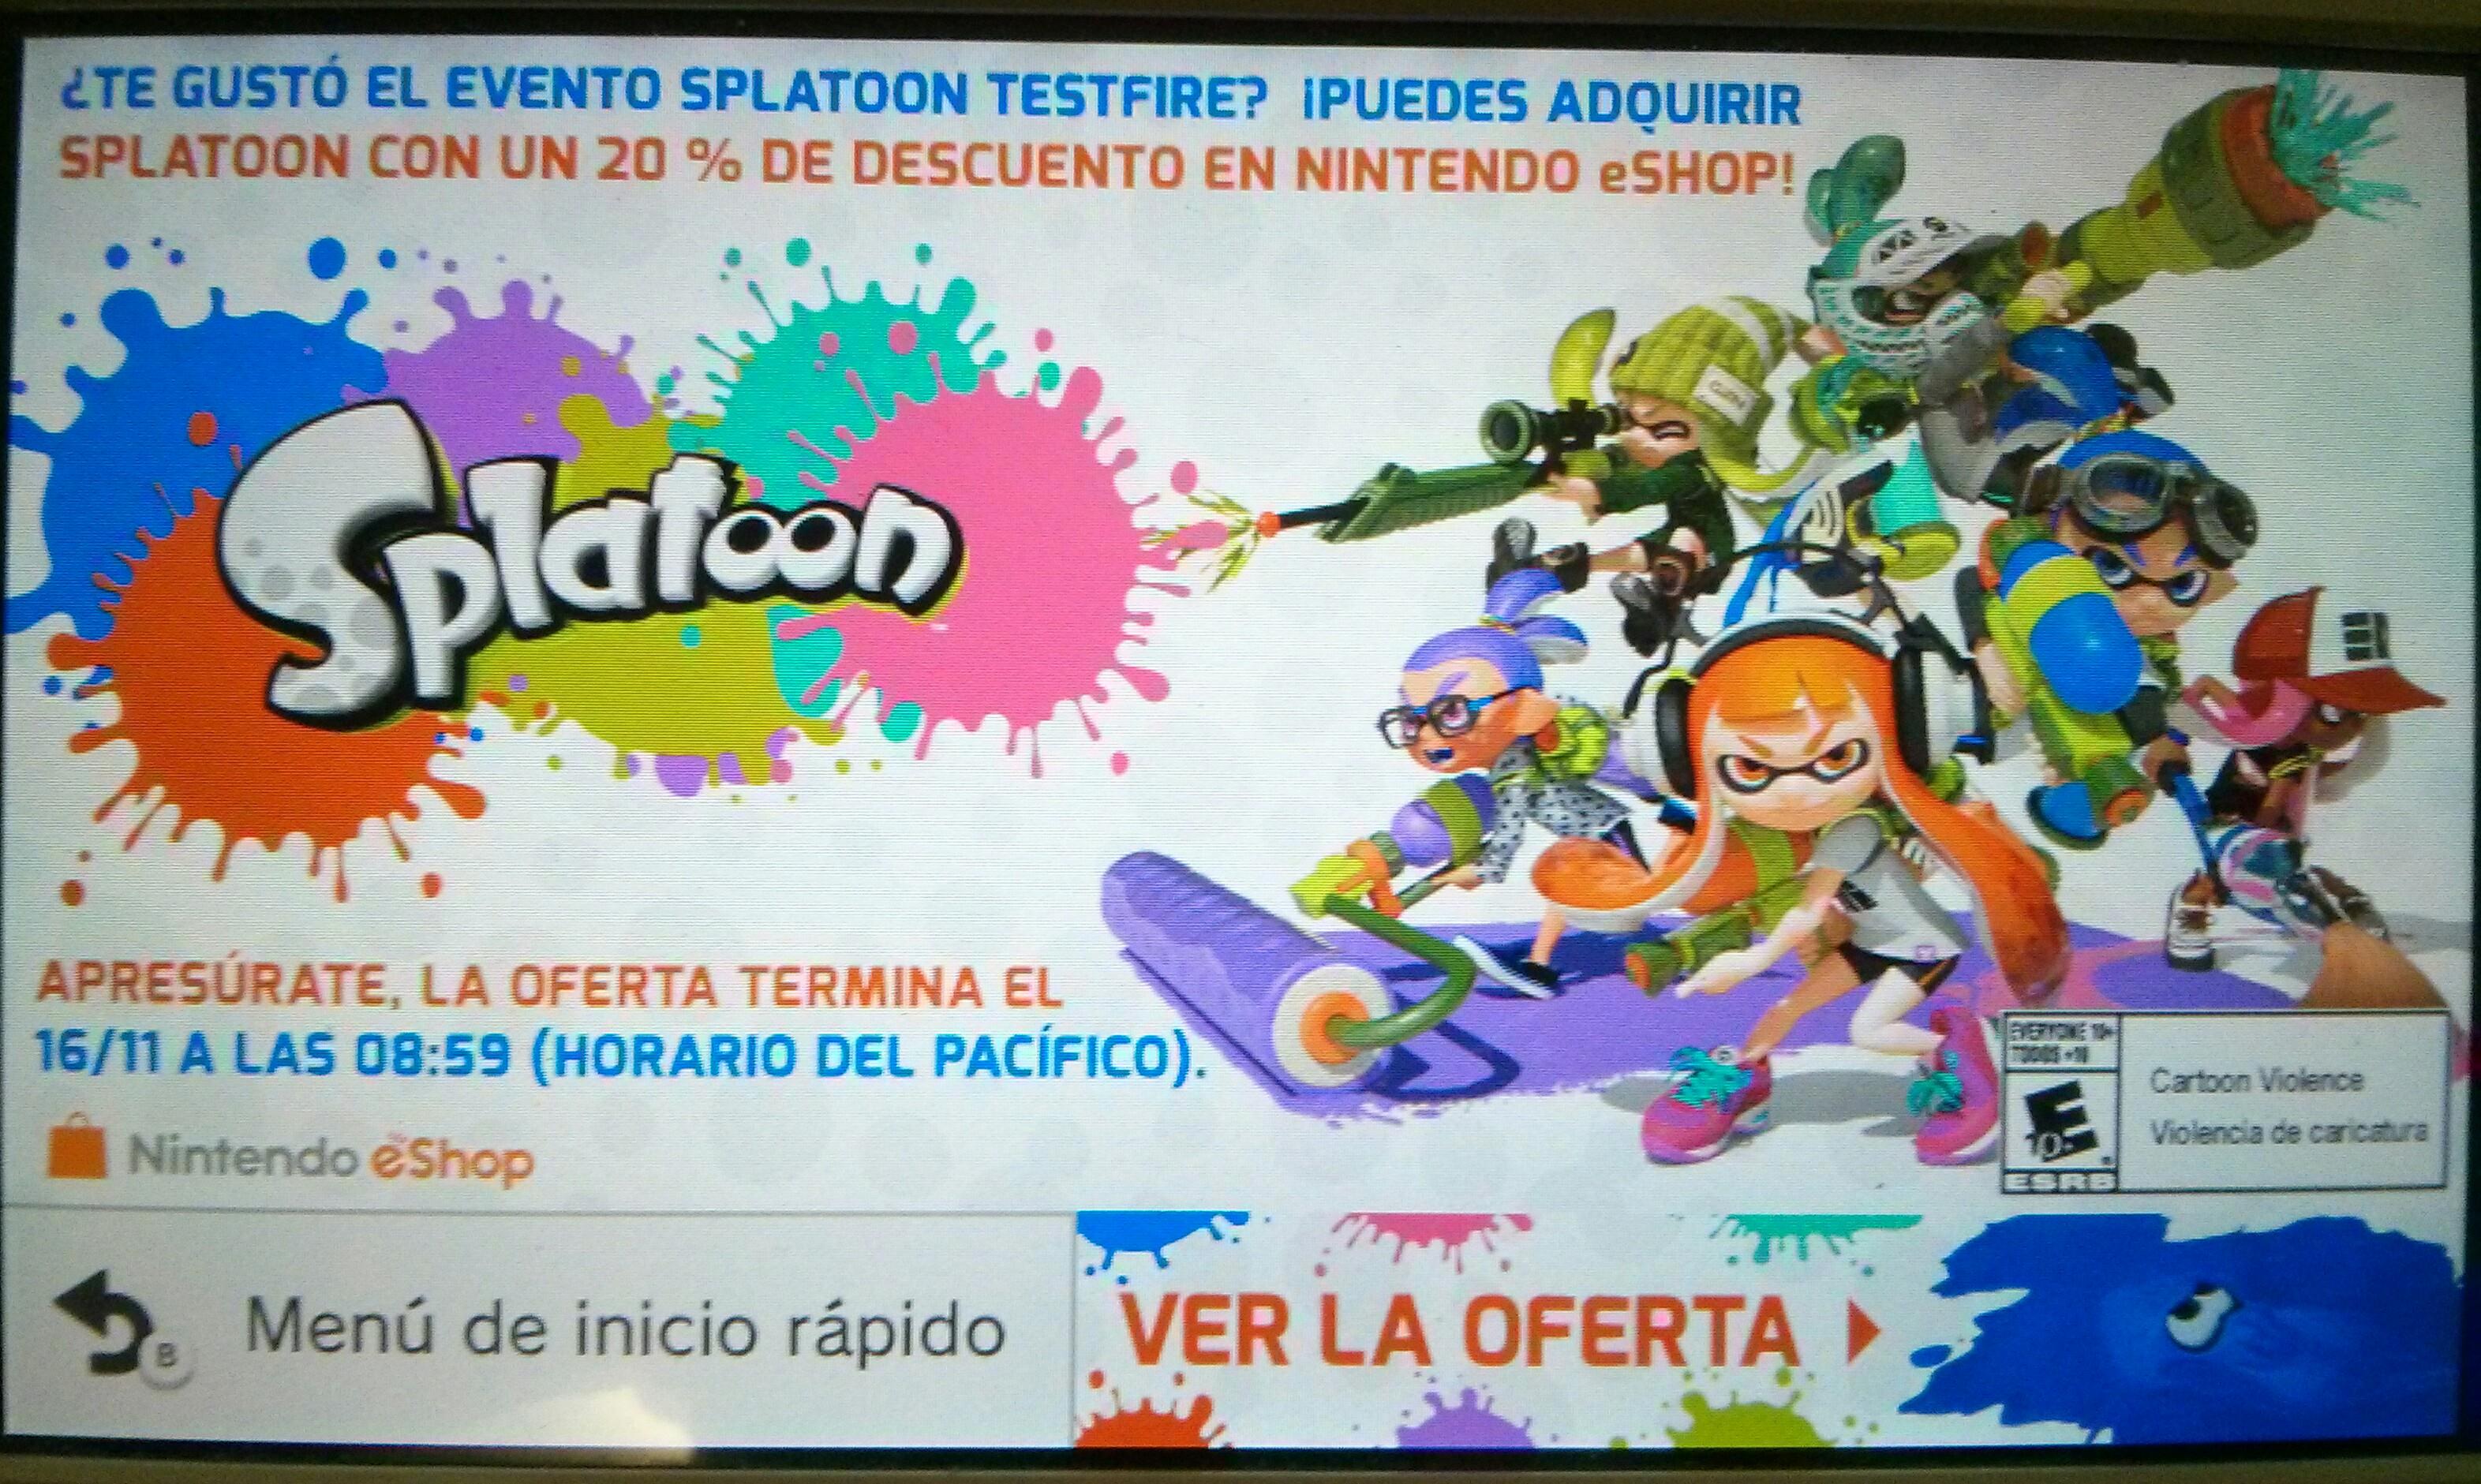 Nintendo eShop: 20% de descuento al comprar Splatoon digital si jugaste la demo